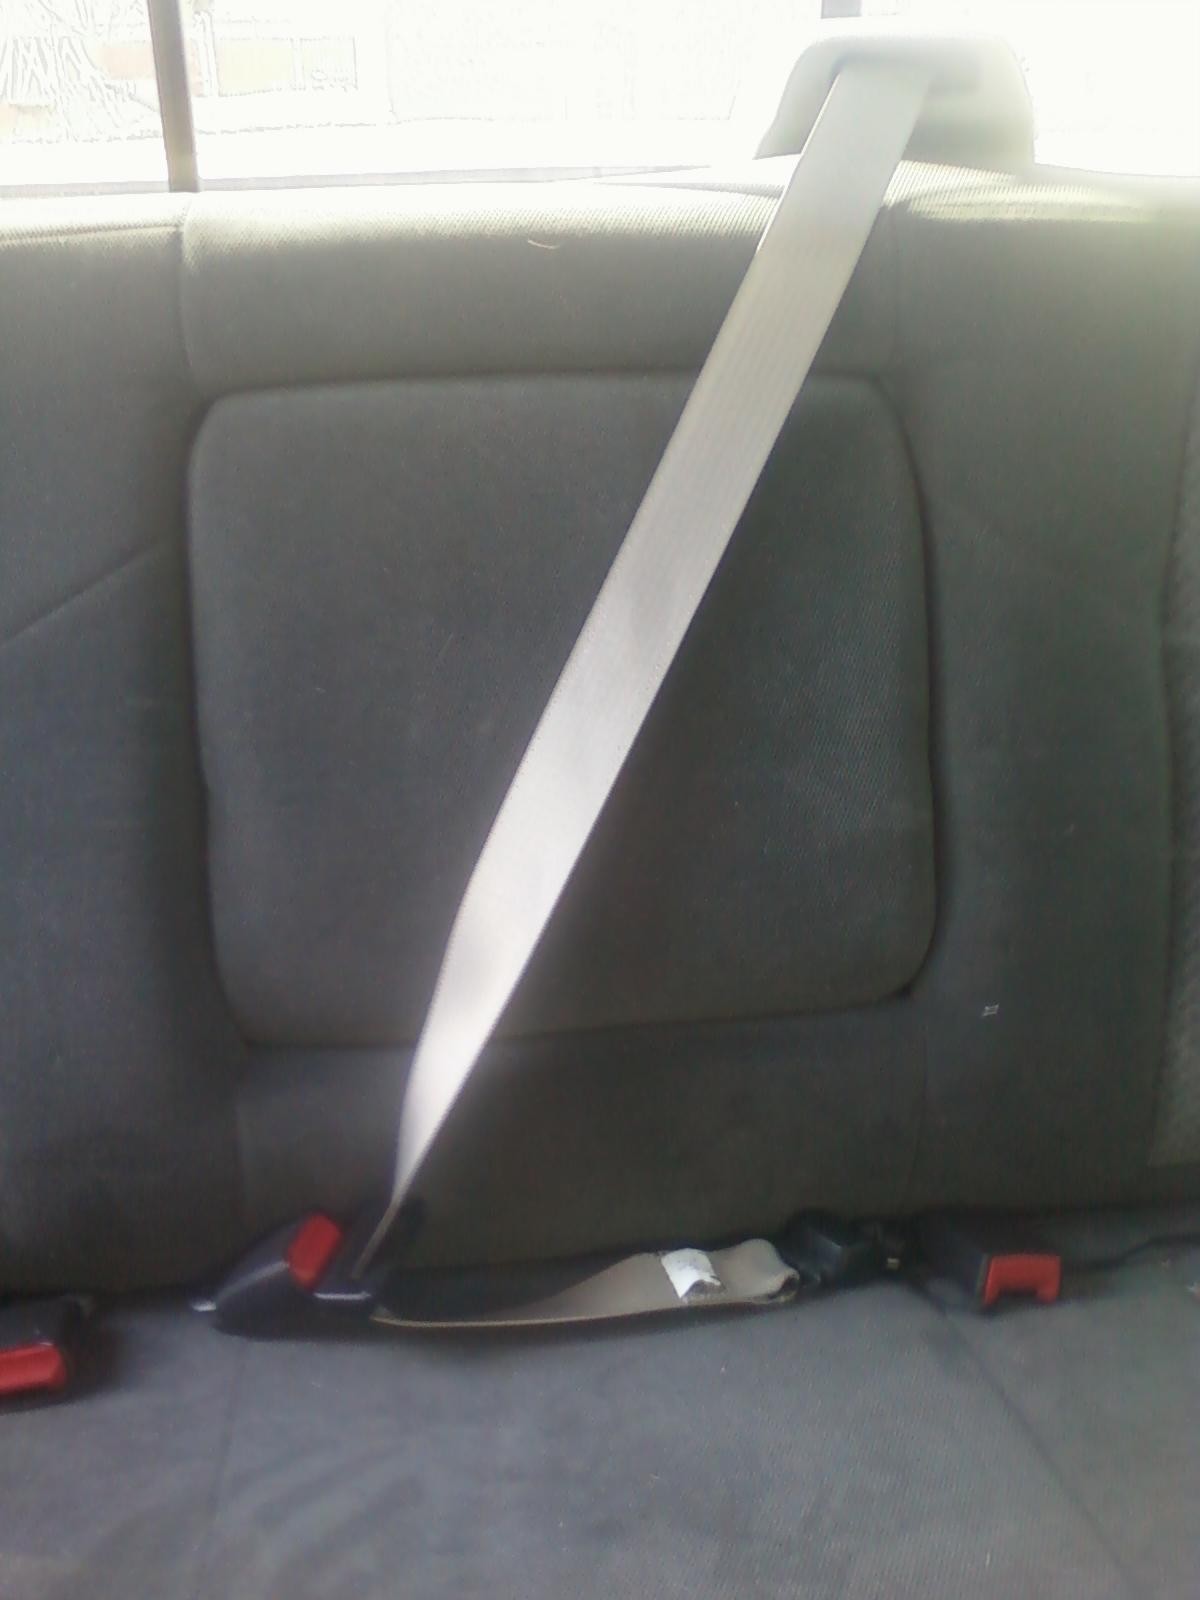 '2011 Seatbelts in a '2002 F350-0105121410.jpg